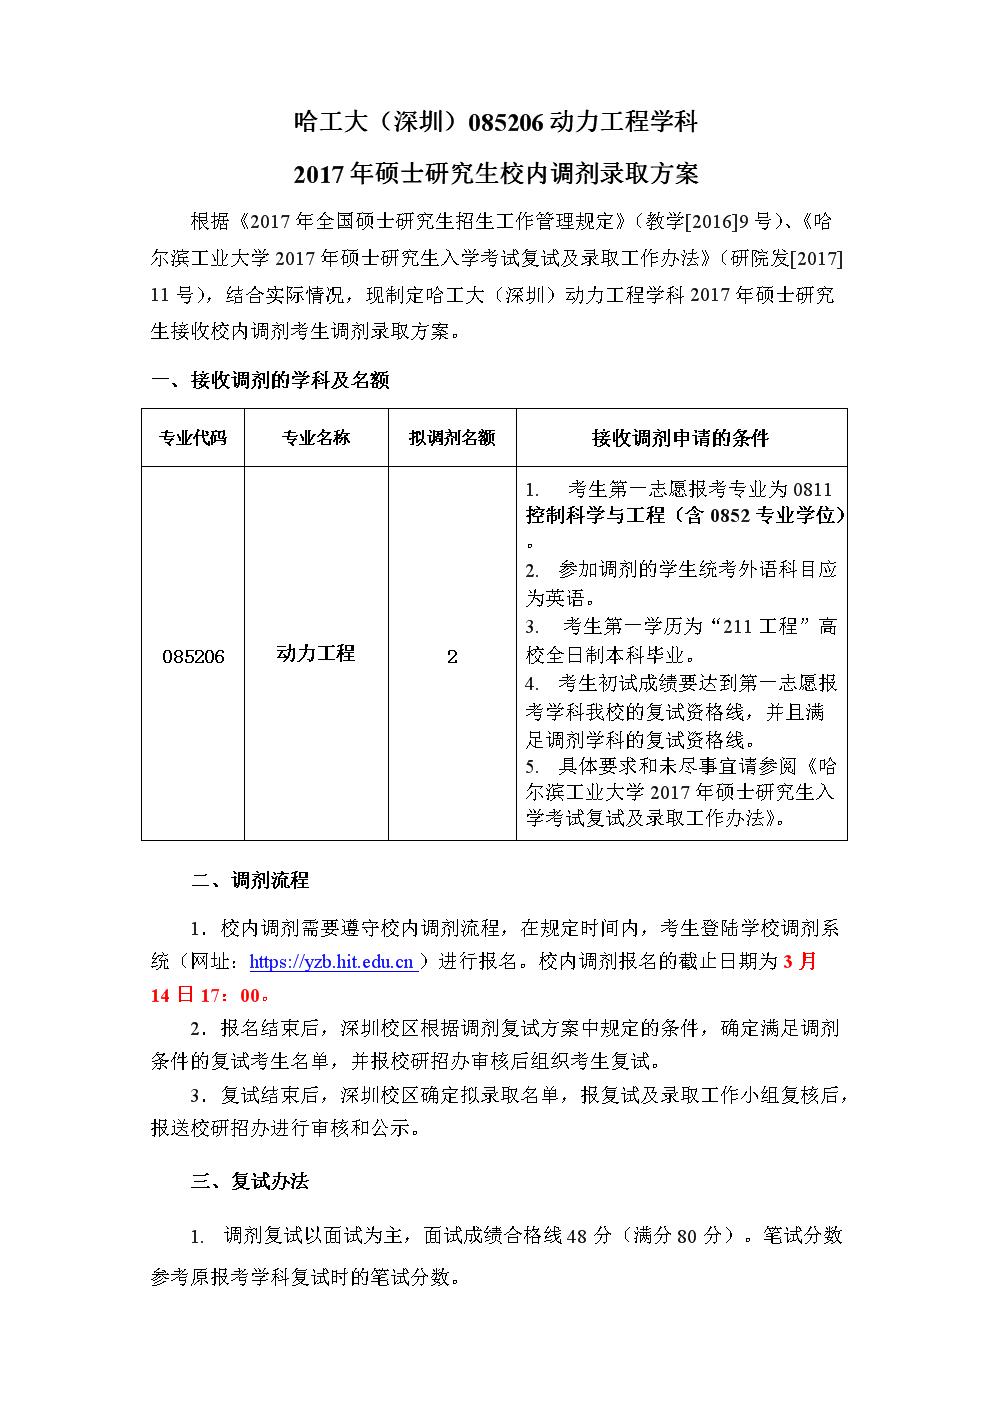 哈工大(深圳)085206動力工程學科(校內調劑.doc